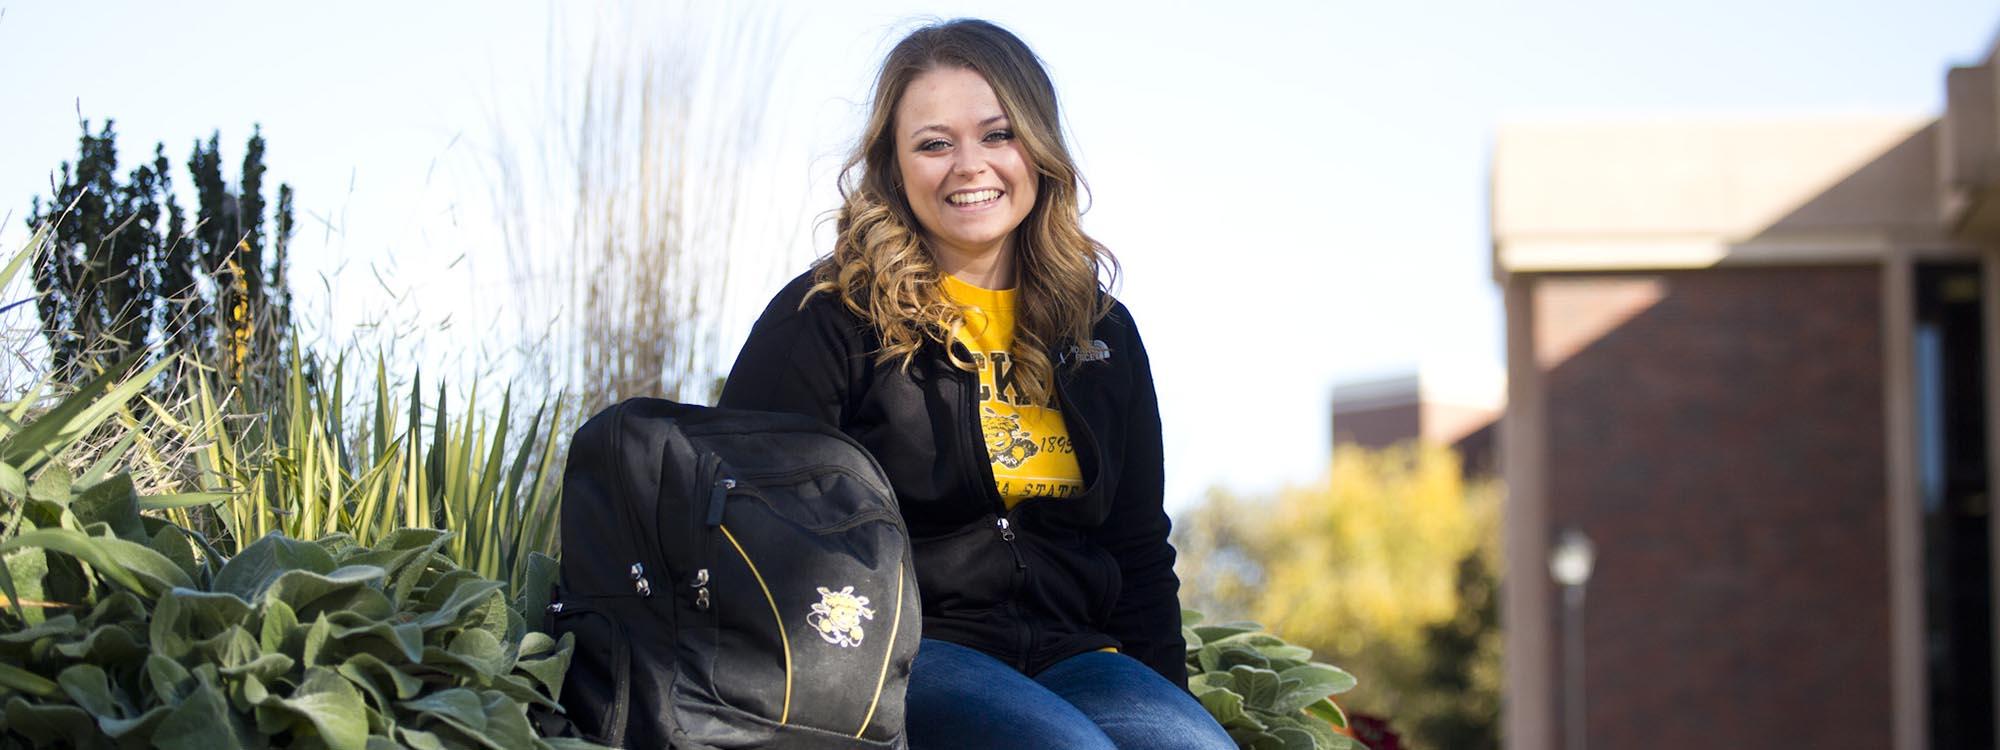 Wichita Student